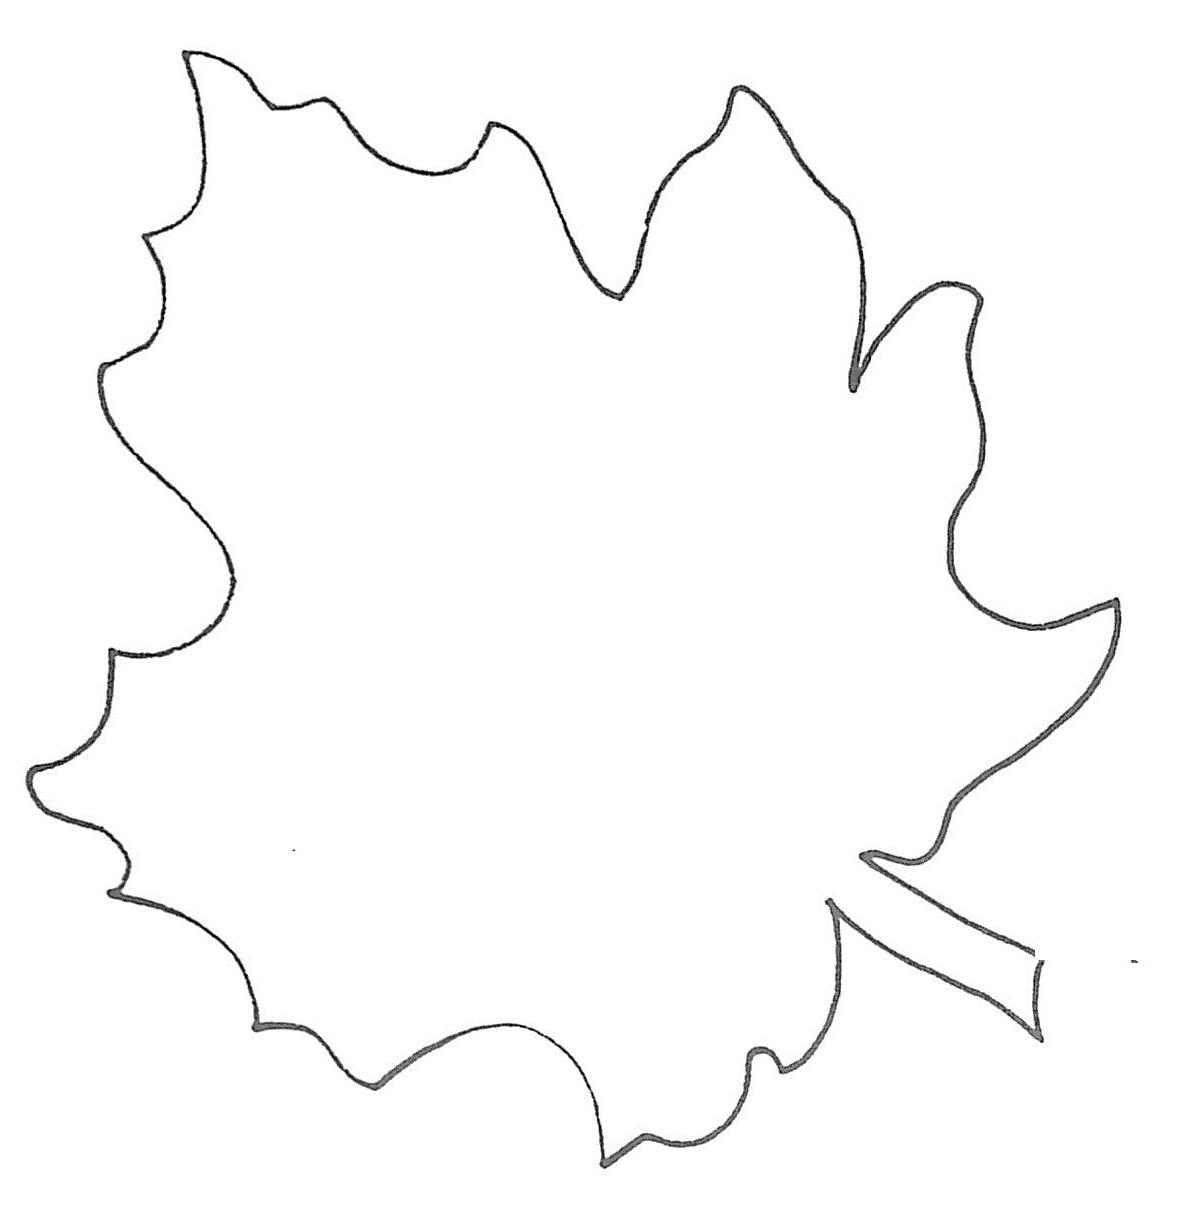 leaf template free clipart best. Black Bedroom Furniture Sets. Home Design Ideas